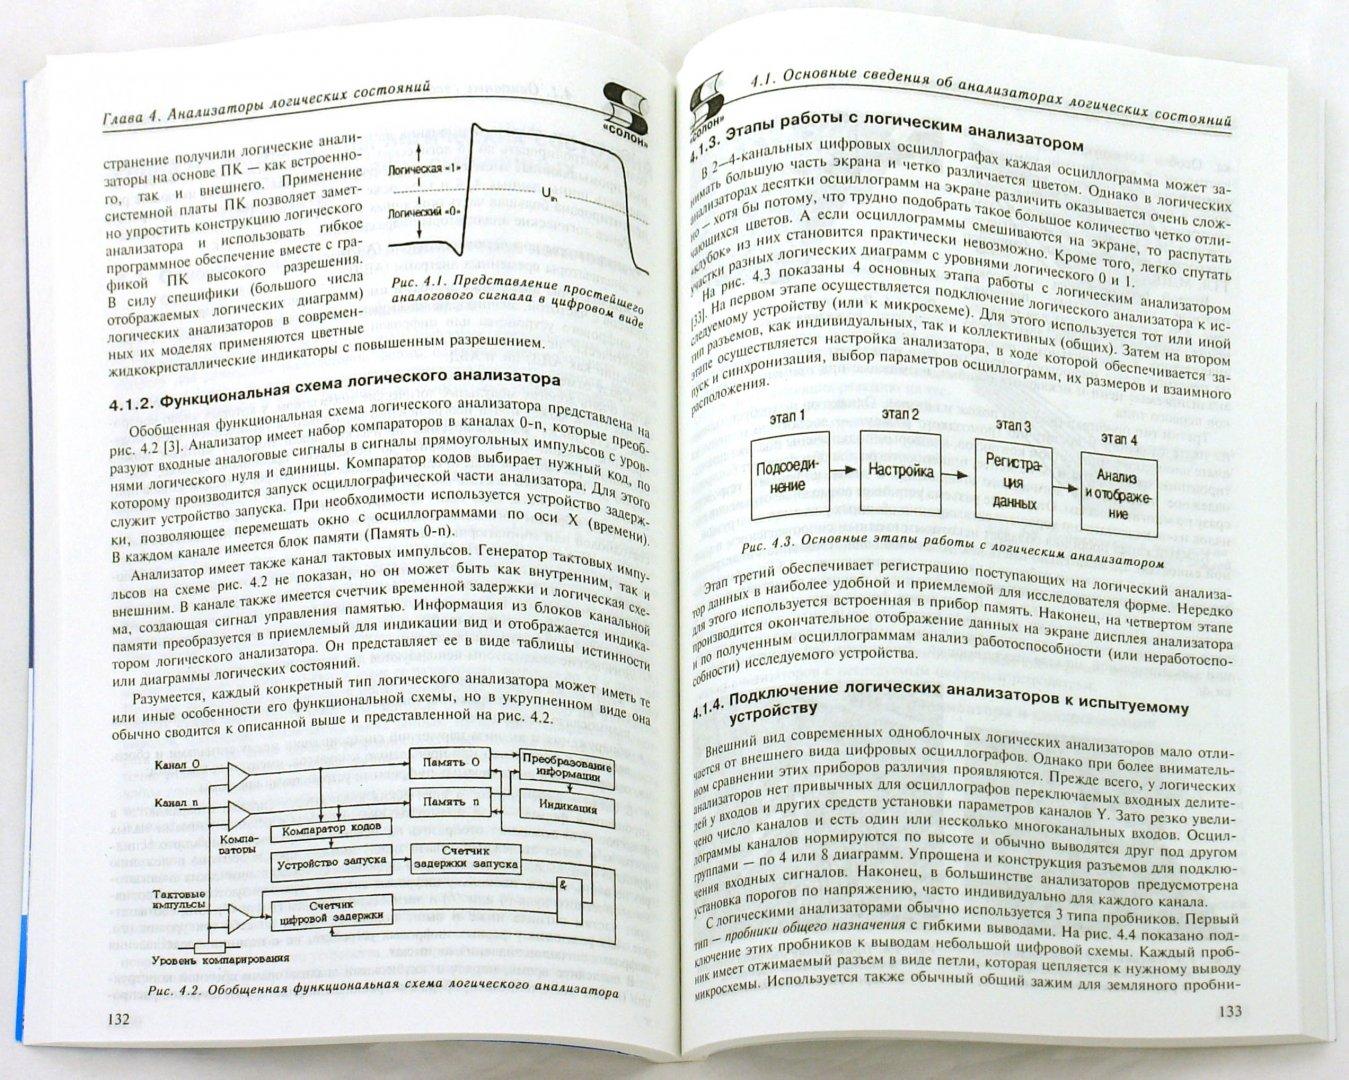 Иллюстрация 1 из 18 для Цифровые анализаторы спектра, сигналов и логики - Афонский, Дьяконов   Лабиринт - книги. Источник: Лабиринт